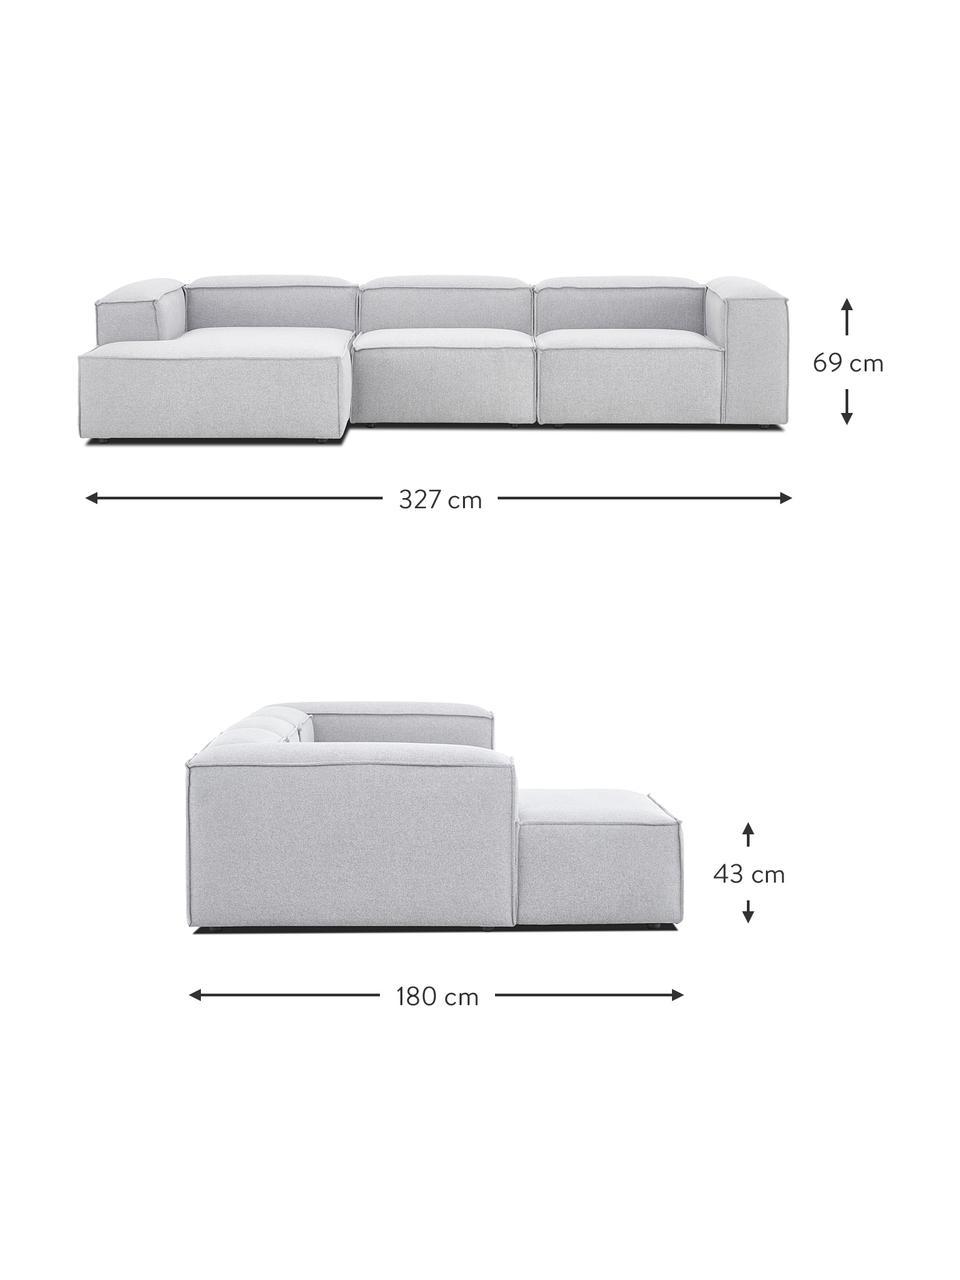 Narożna sofa modułowa Lennon, Tapicerka: 100% poliester Dzięki tka, Stelaż: lite drewno sosnowe, skle, Nogi: tworzywo sztuczne Nogi zn, Jasny szary, S 327 x G 180 cm